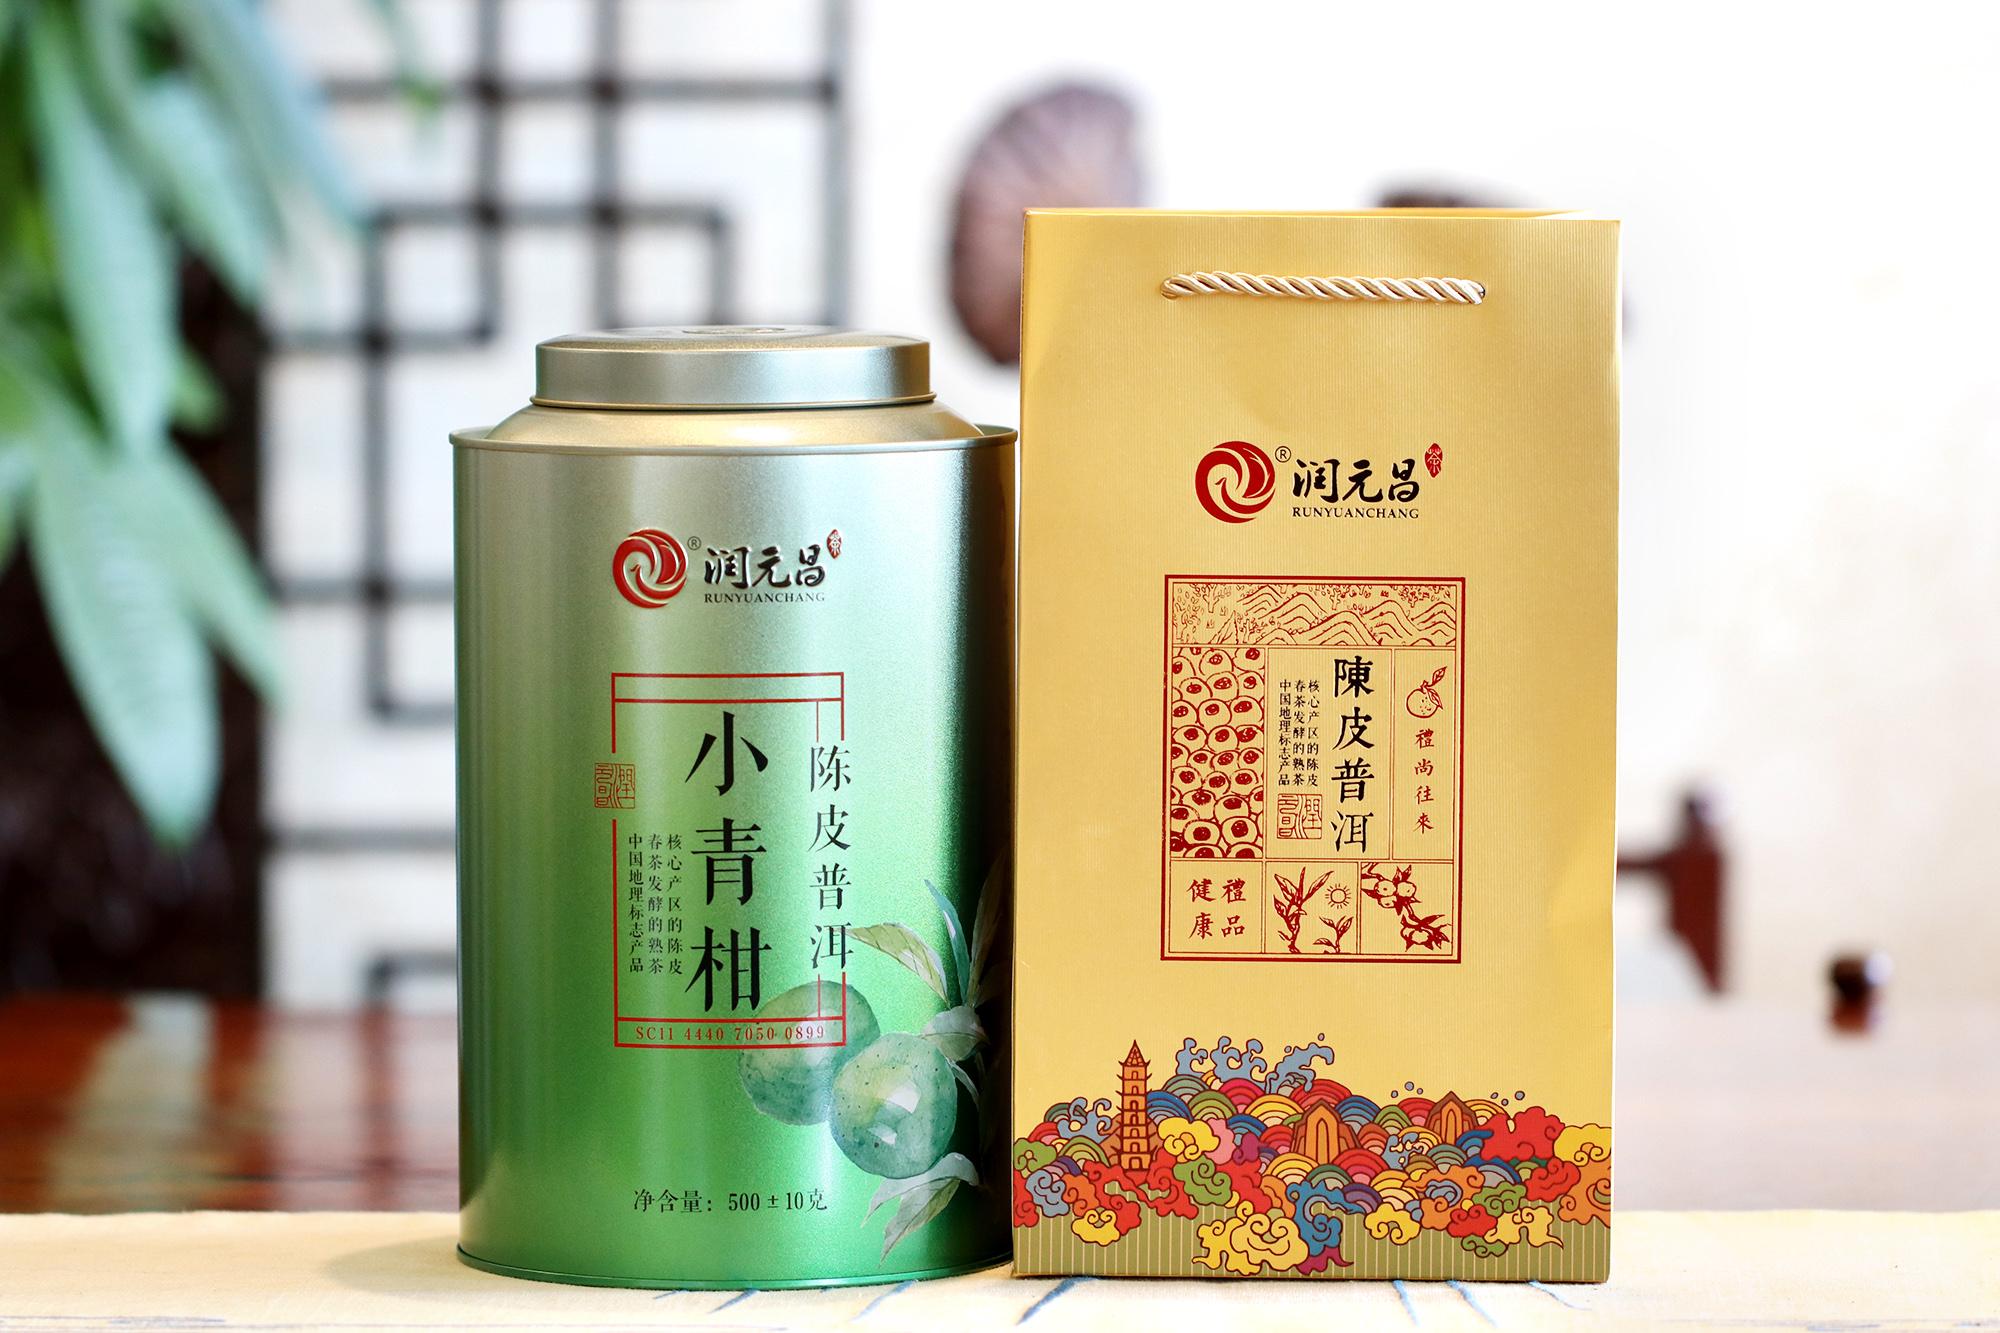 润元昌2016陈皮普洱小青柑-500克清香型